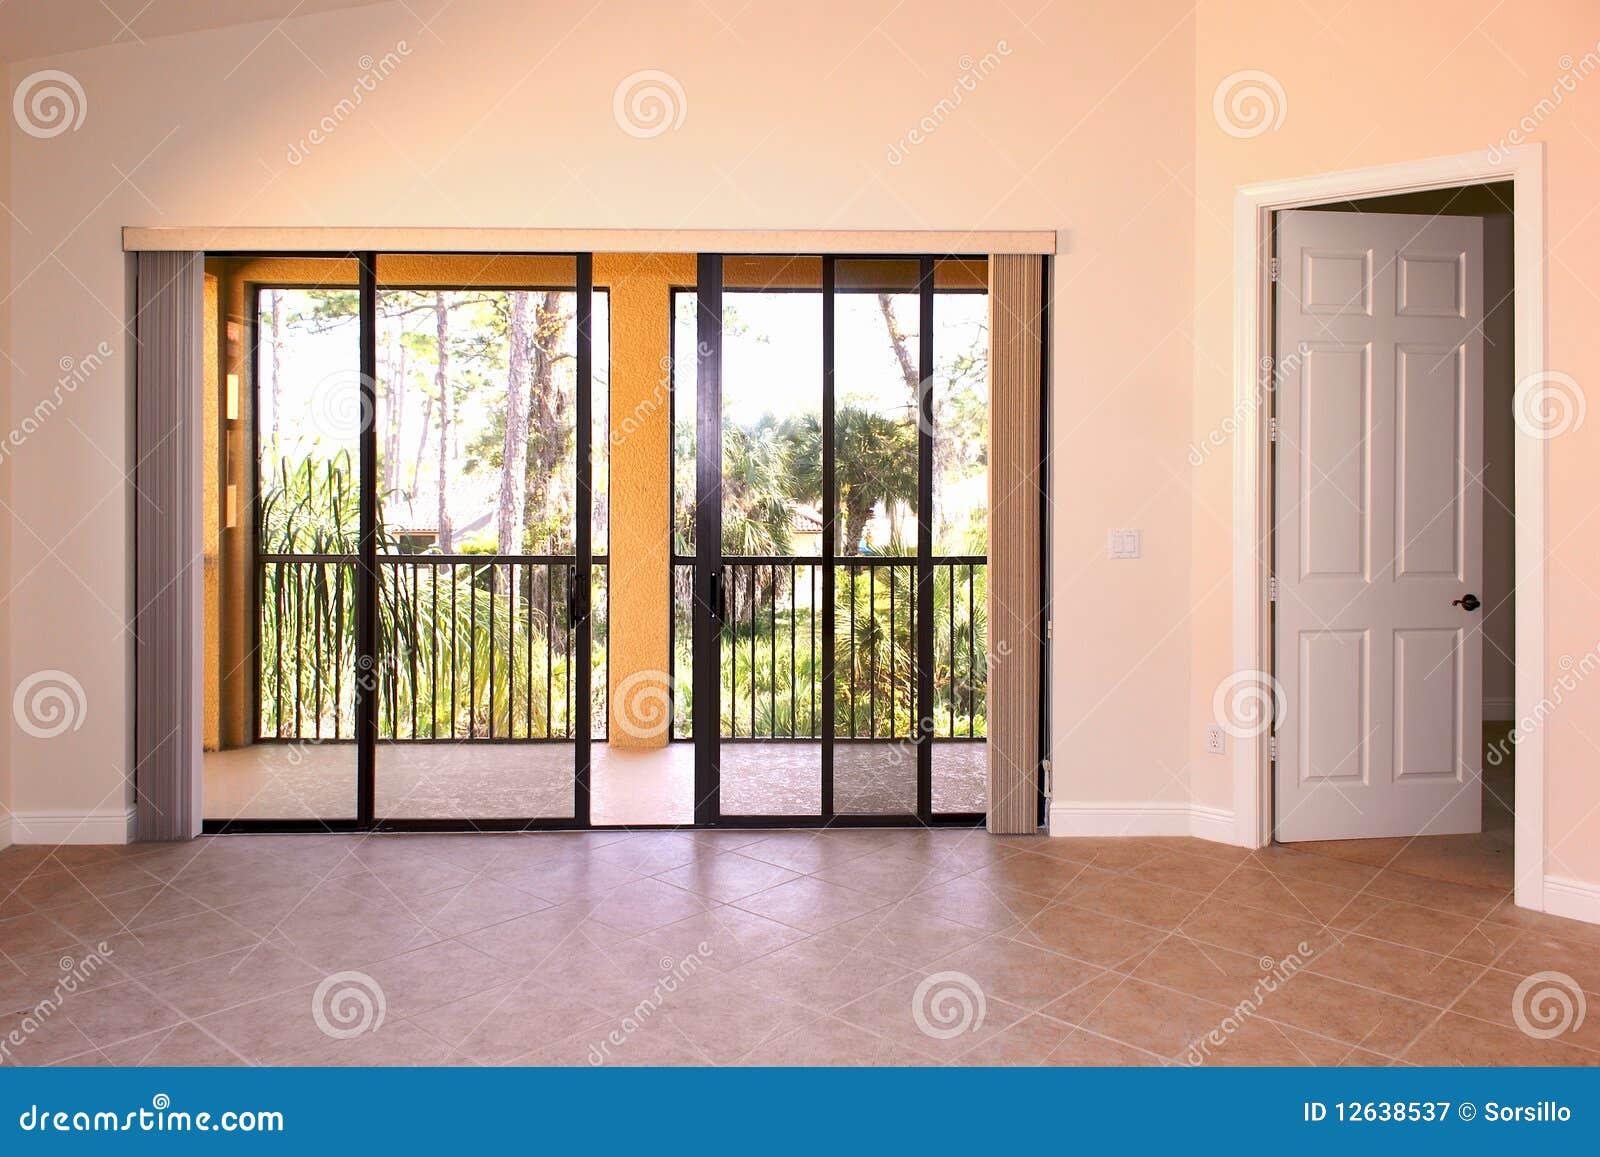 Great Room With Doors Stock Image Image Of Home Door 12638537